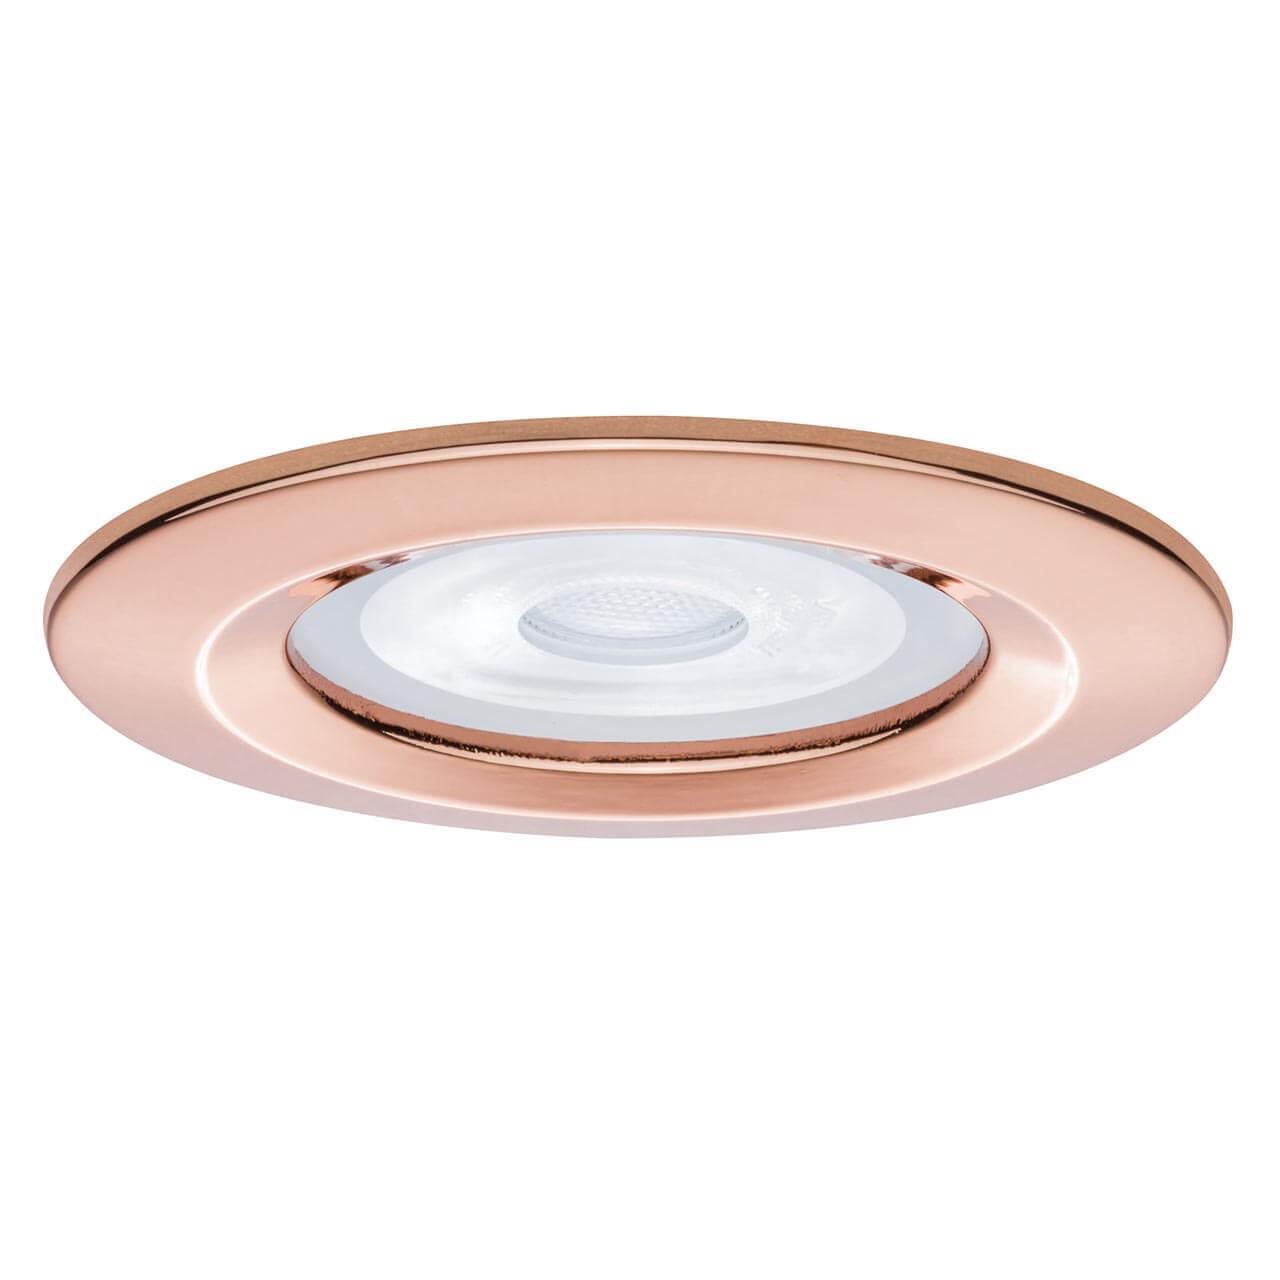 Встраиваемый светодиодный светильник Paulmann Nova 93600